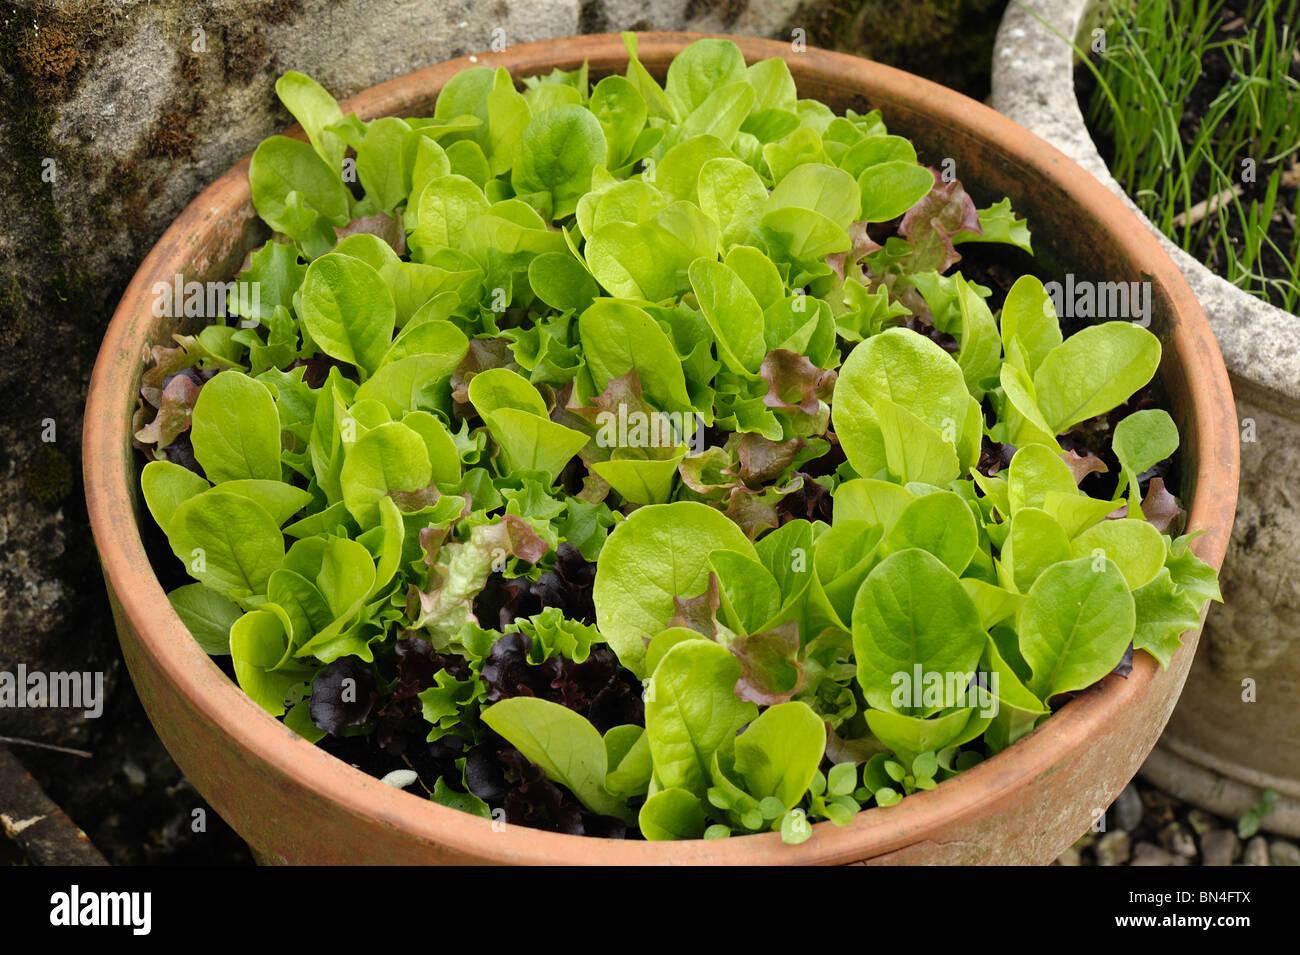 Sélectionner et revenir les légumes feuilles de salade de laitue poussant dans un pot en terre cuite Photo Stock